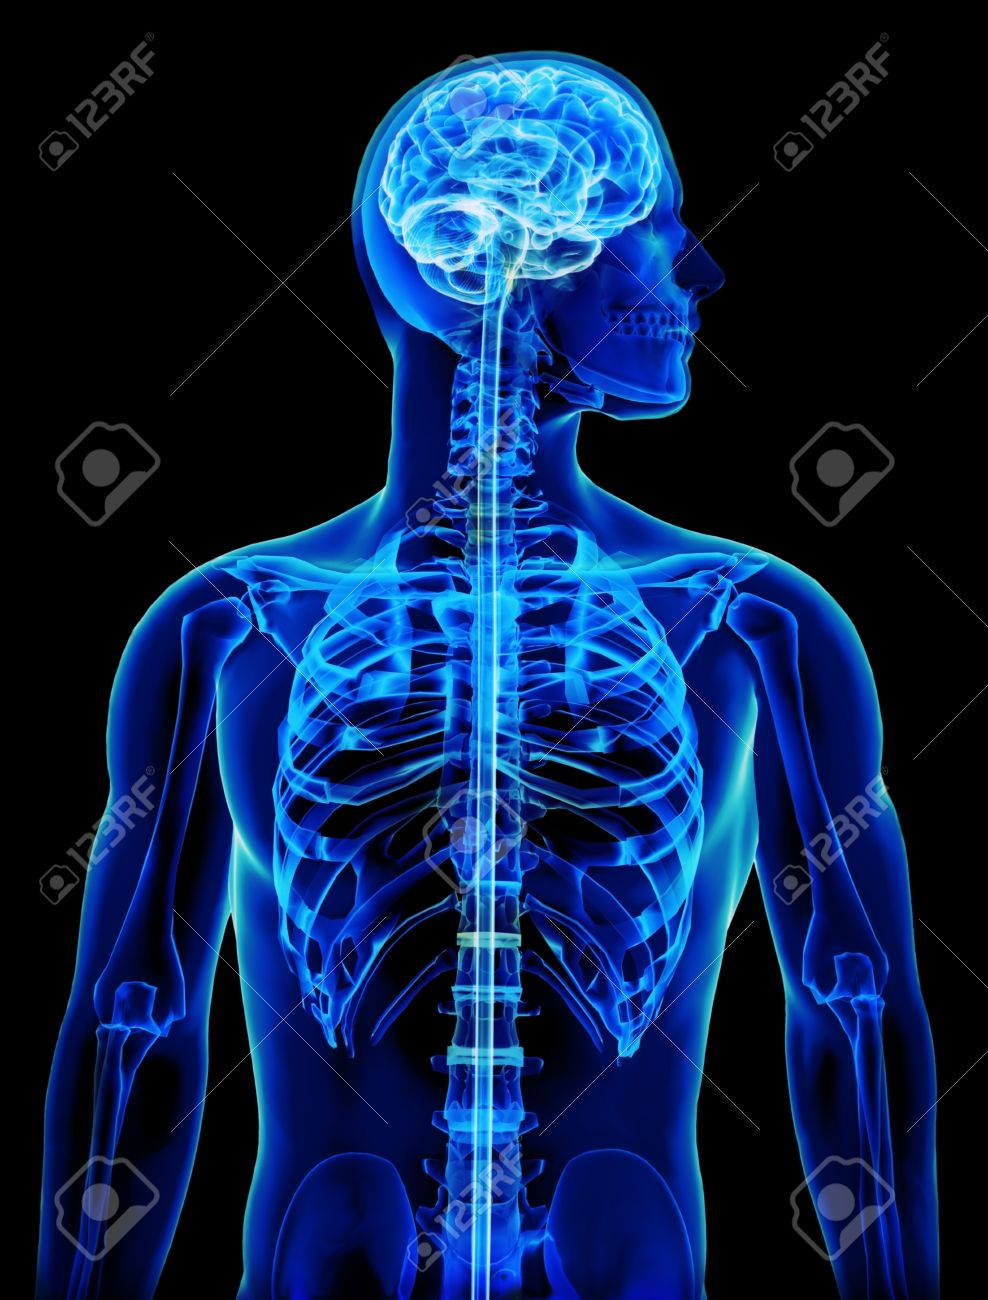 Röntgen Mit Gehirn Und Rückenmark Konzept Lizenzfreie Fotos, Bilder ...